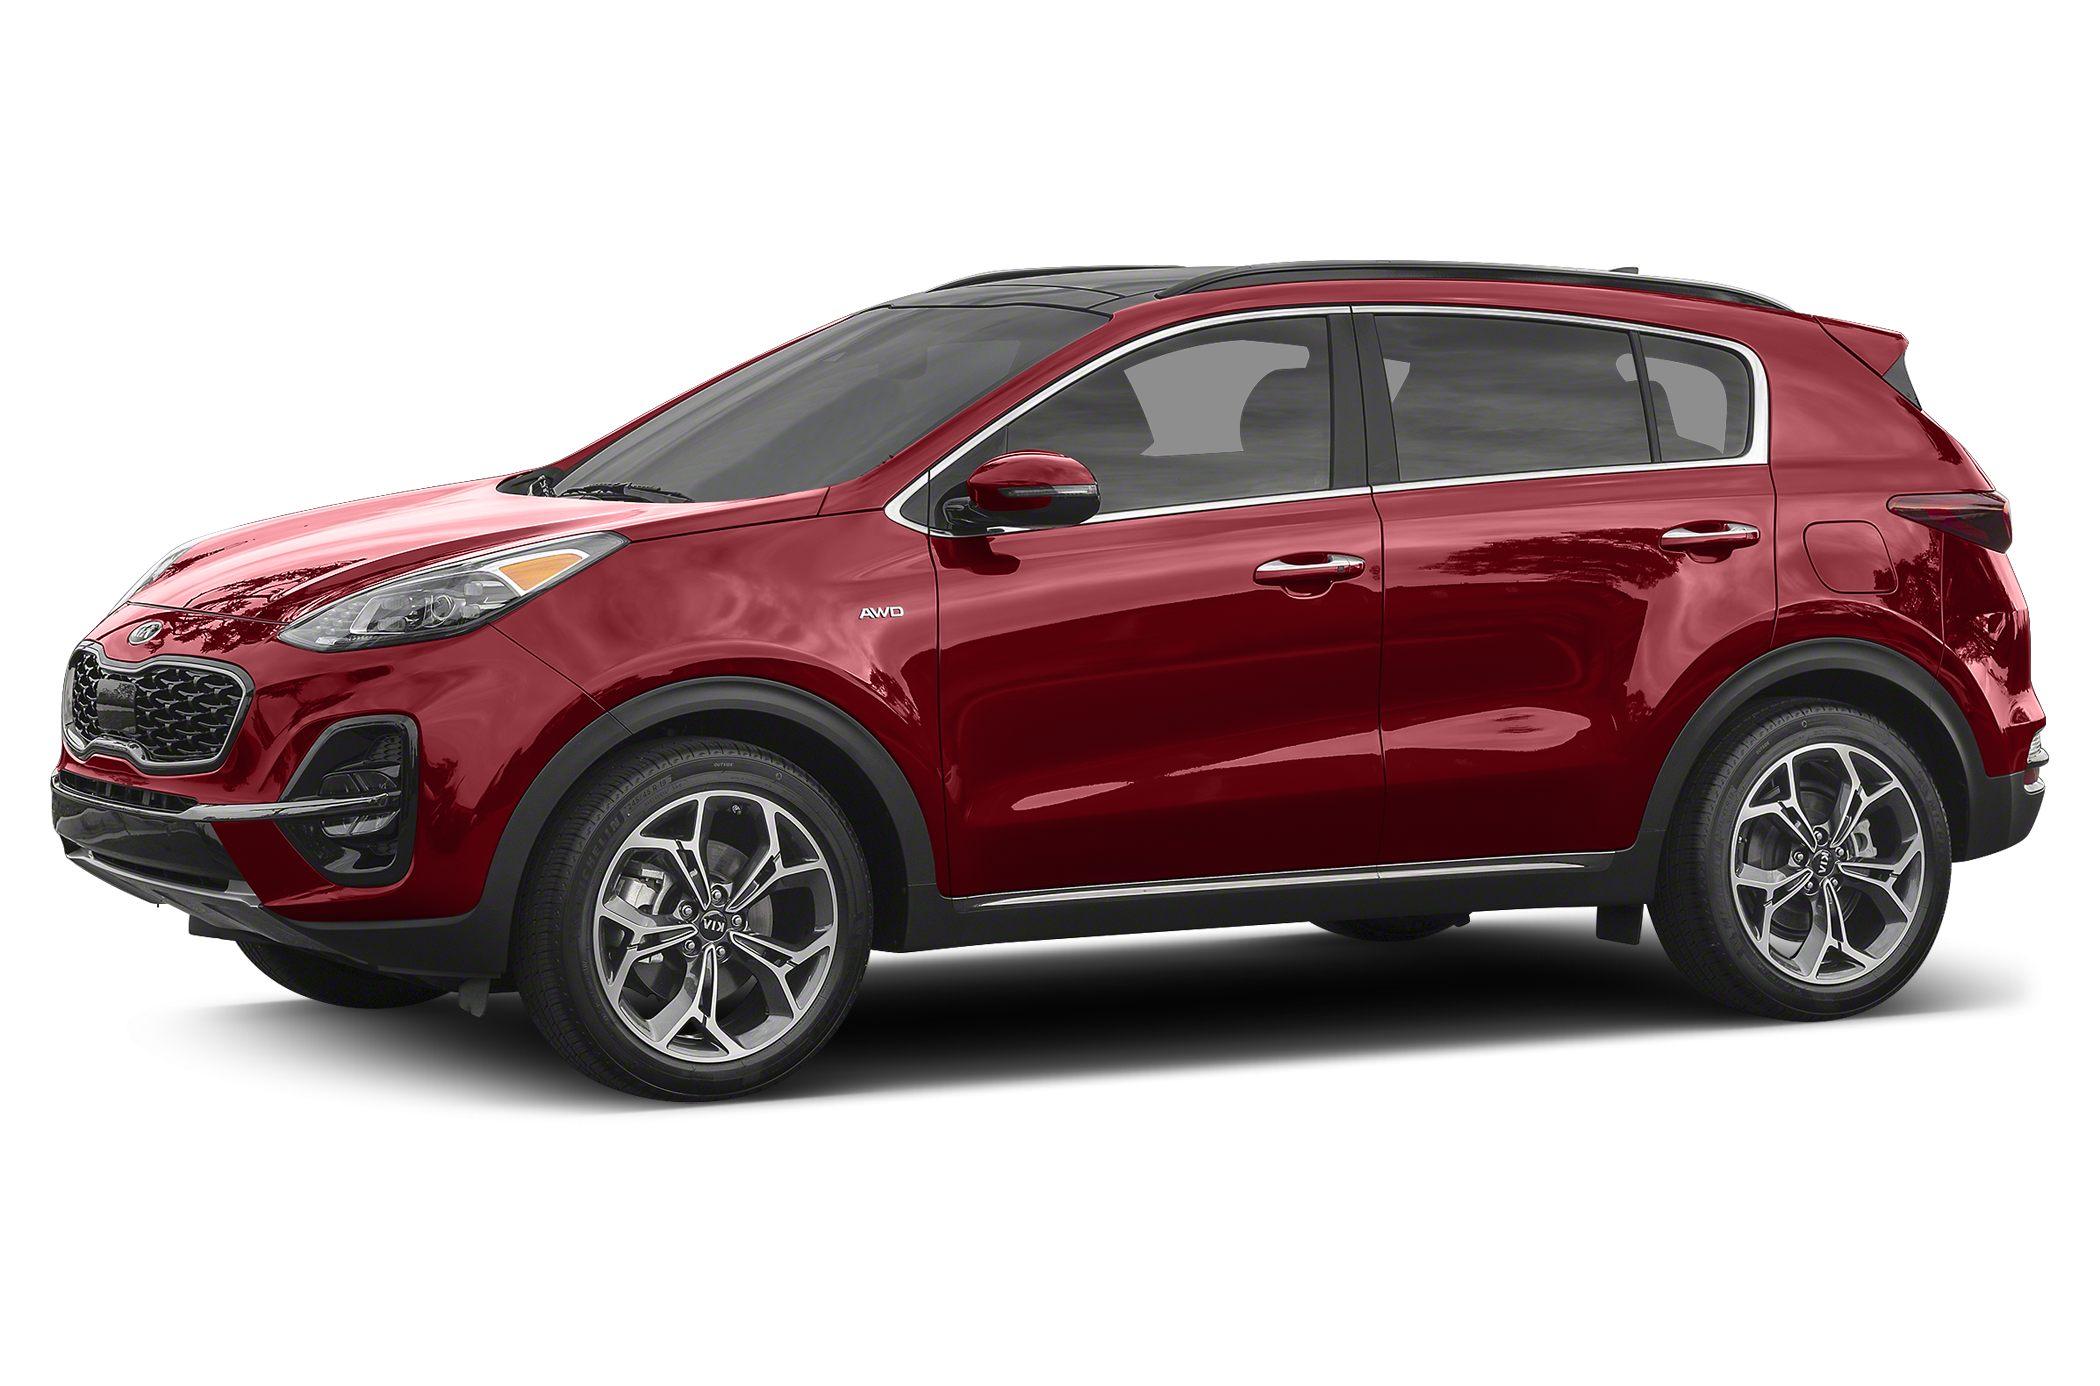 2020 Kia Sportage Review.2020 Kia Sportage S 4dr All Wheel Drive Safety Features